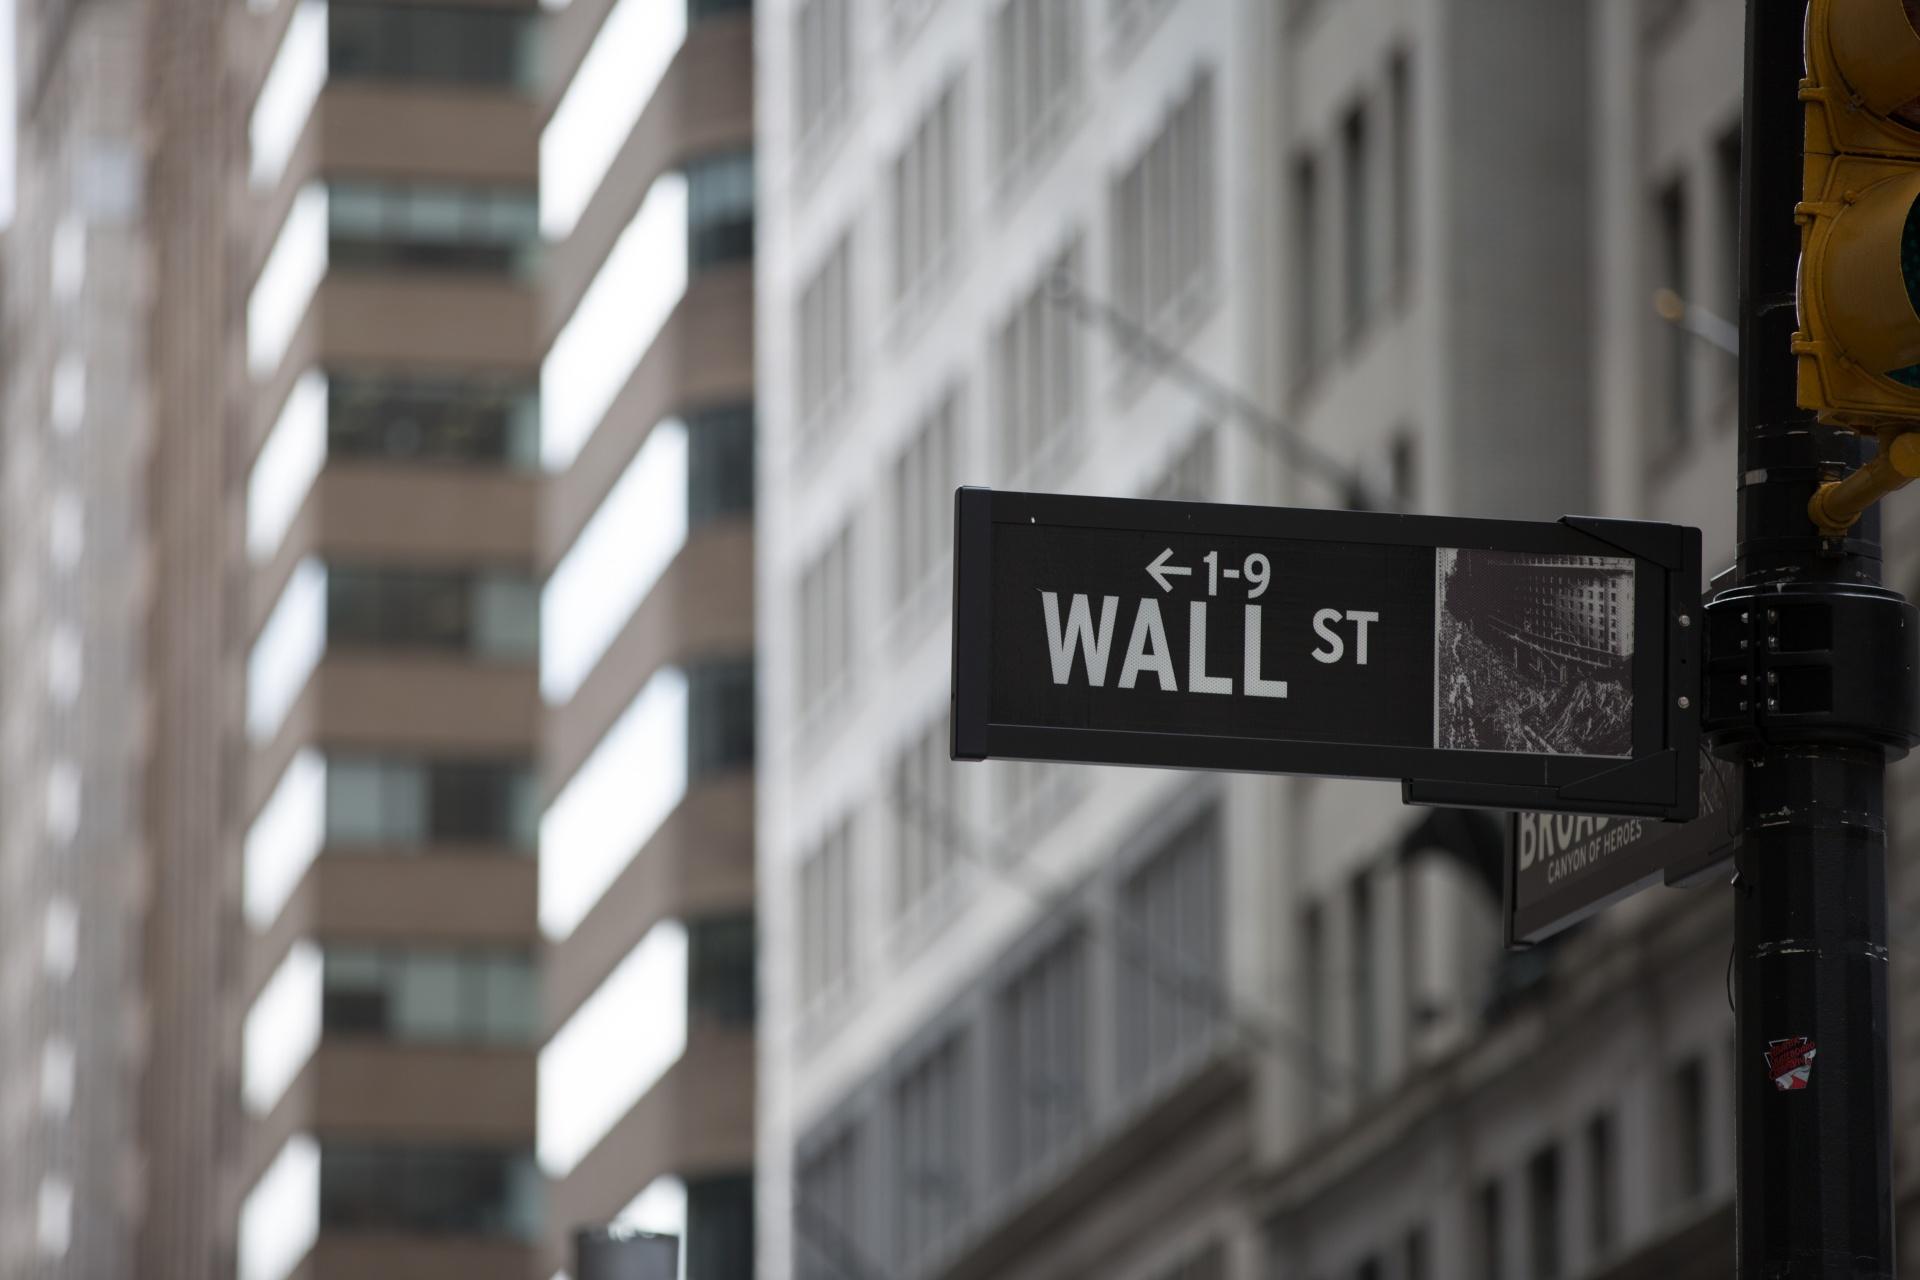 Le borse rimbalzano ma l'equity può perdere più delle previsioni